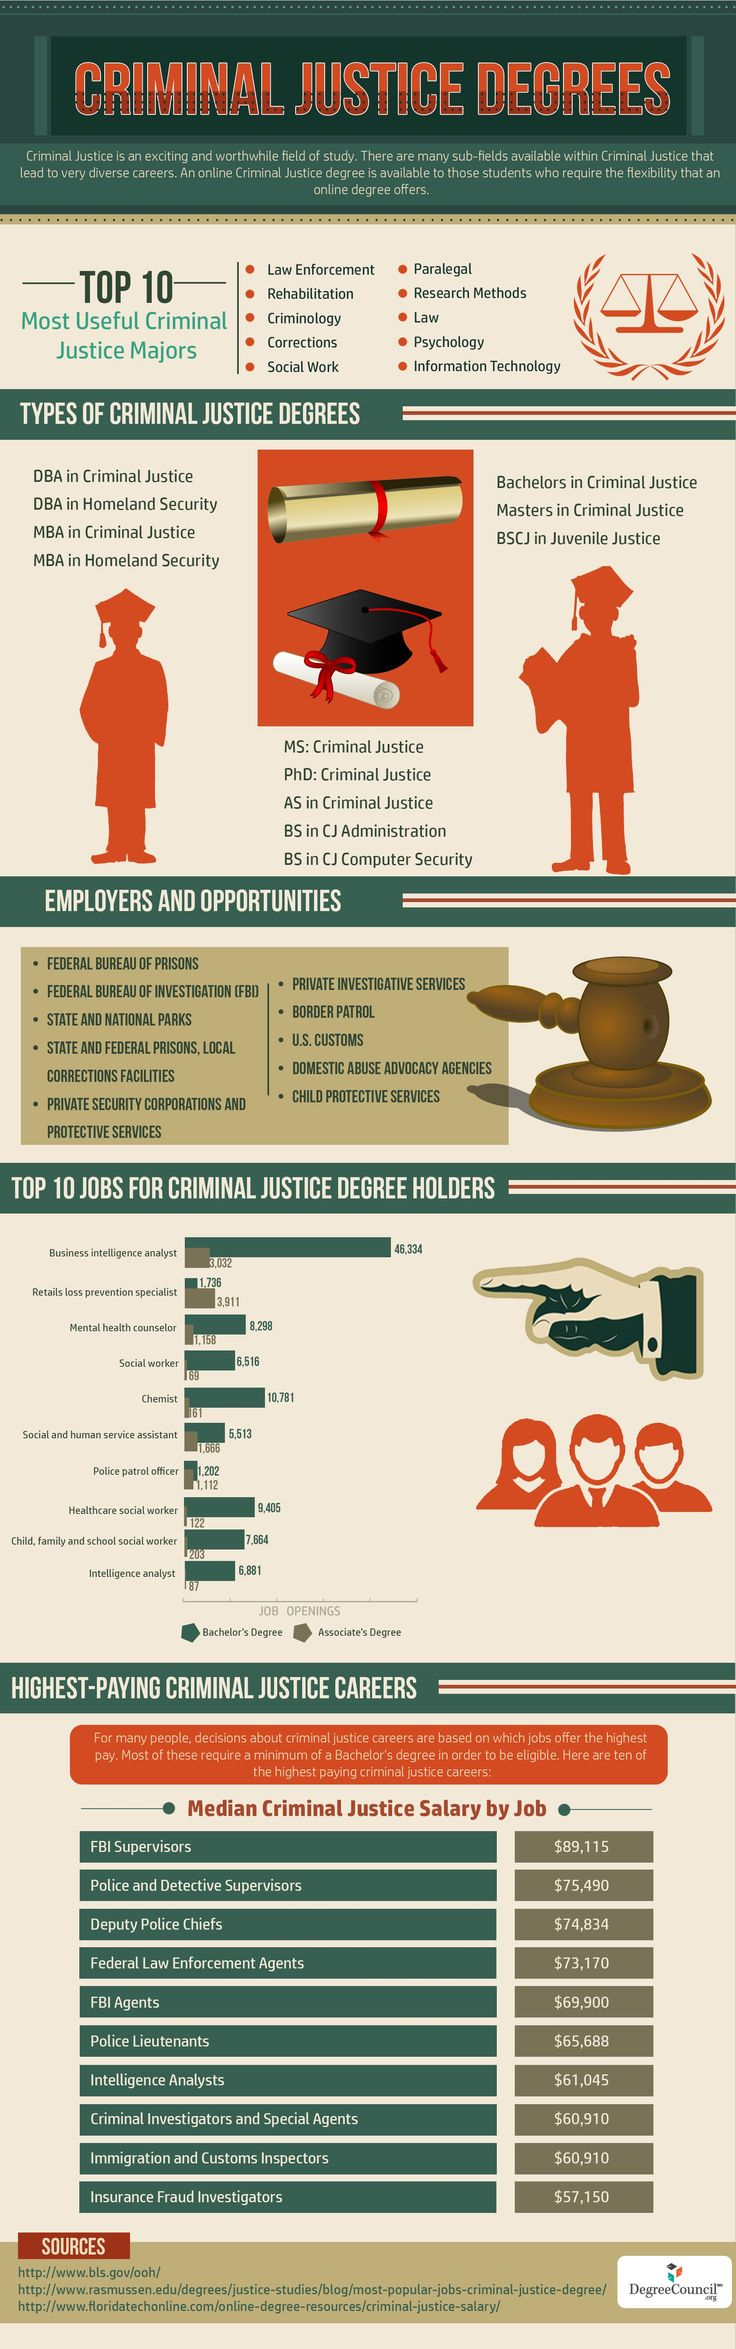 Criminal Justice Degrees    #infographic #CriminalJustice #Career